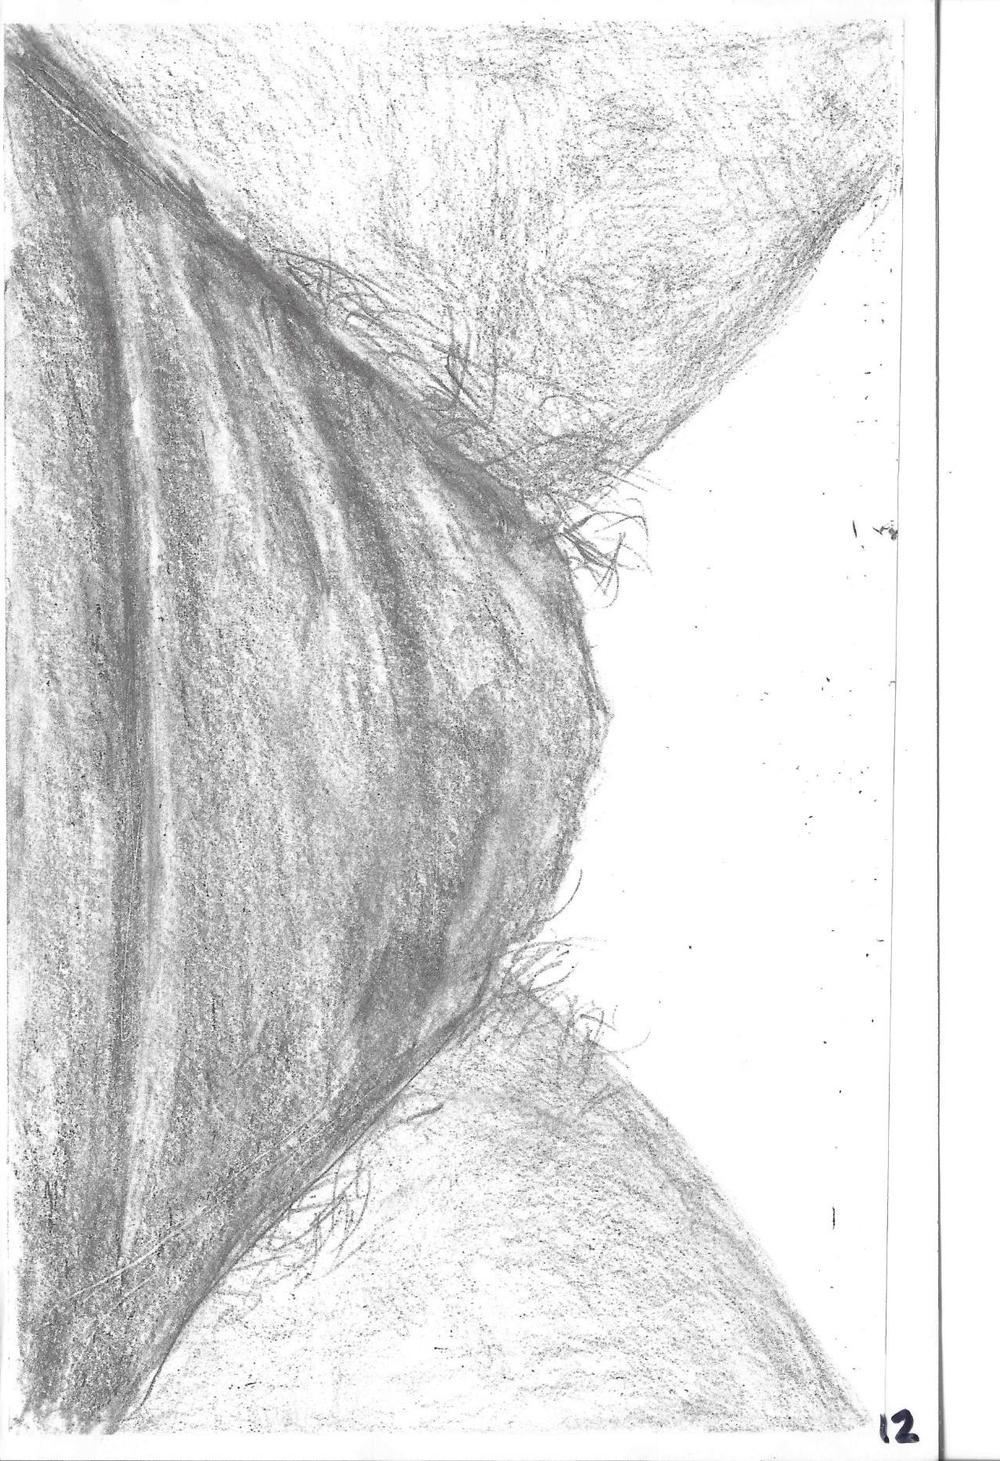 ZINEno1_Page_07_Image_0002.jpg